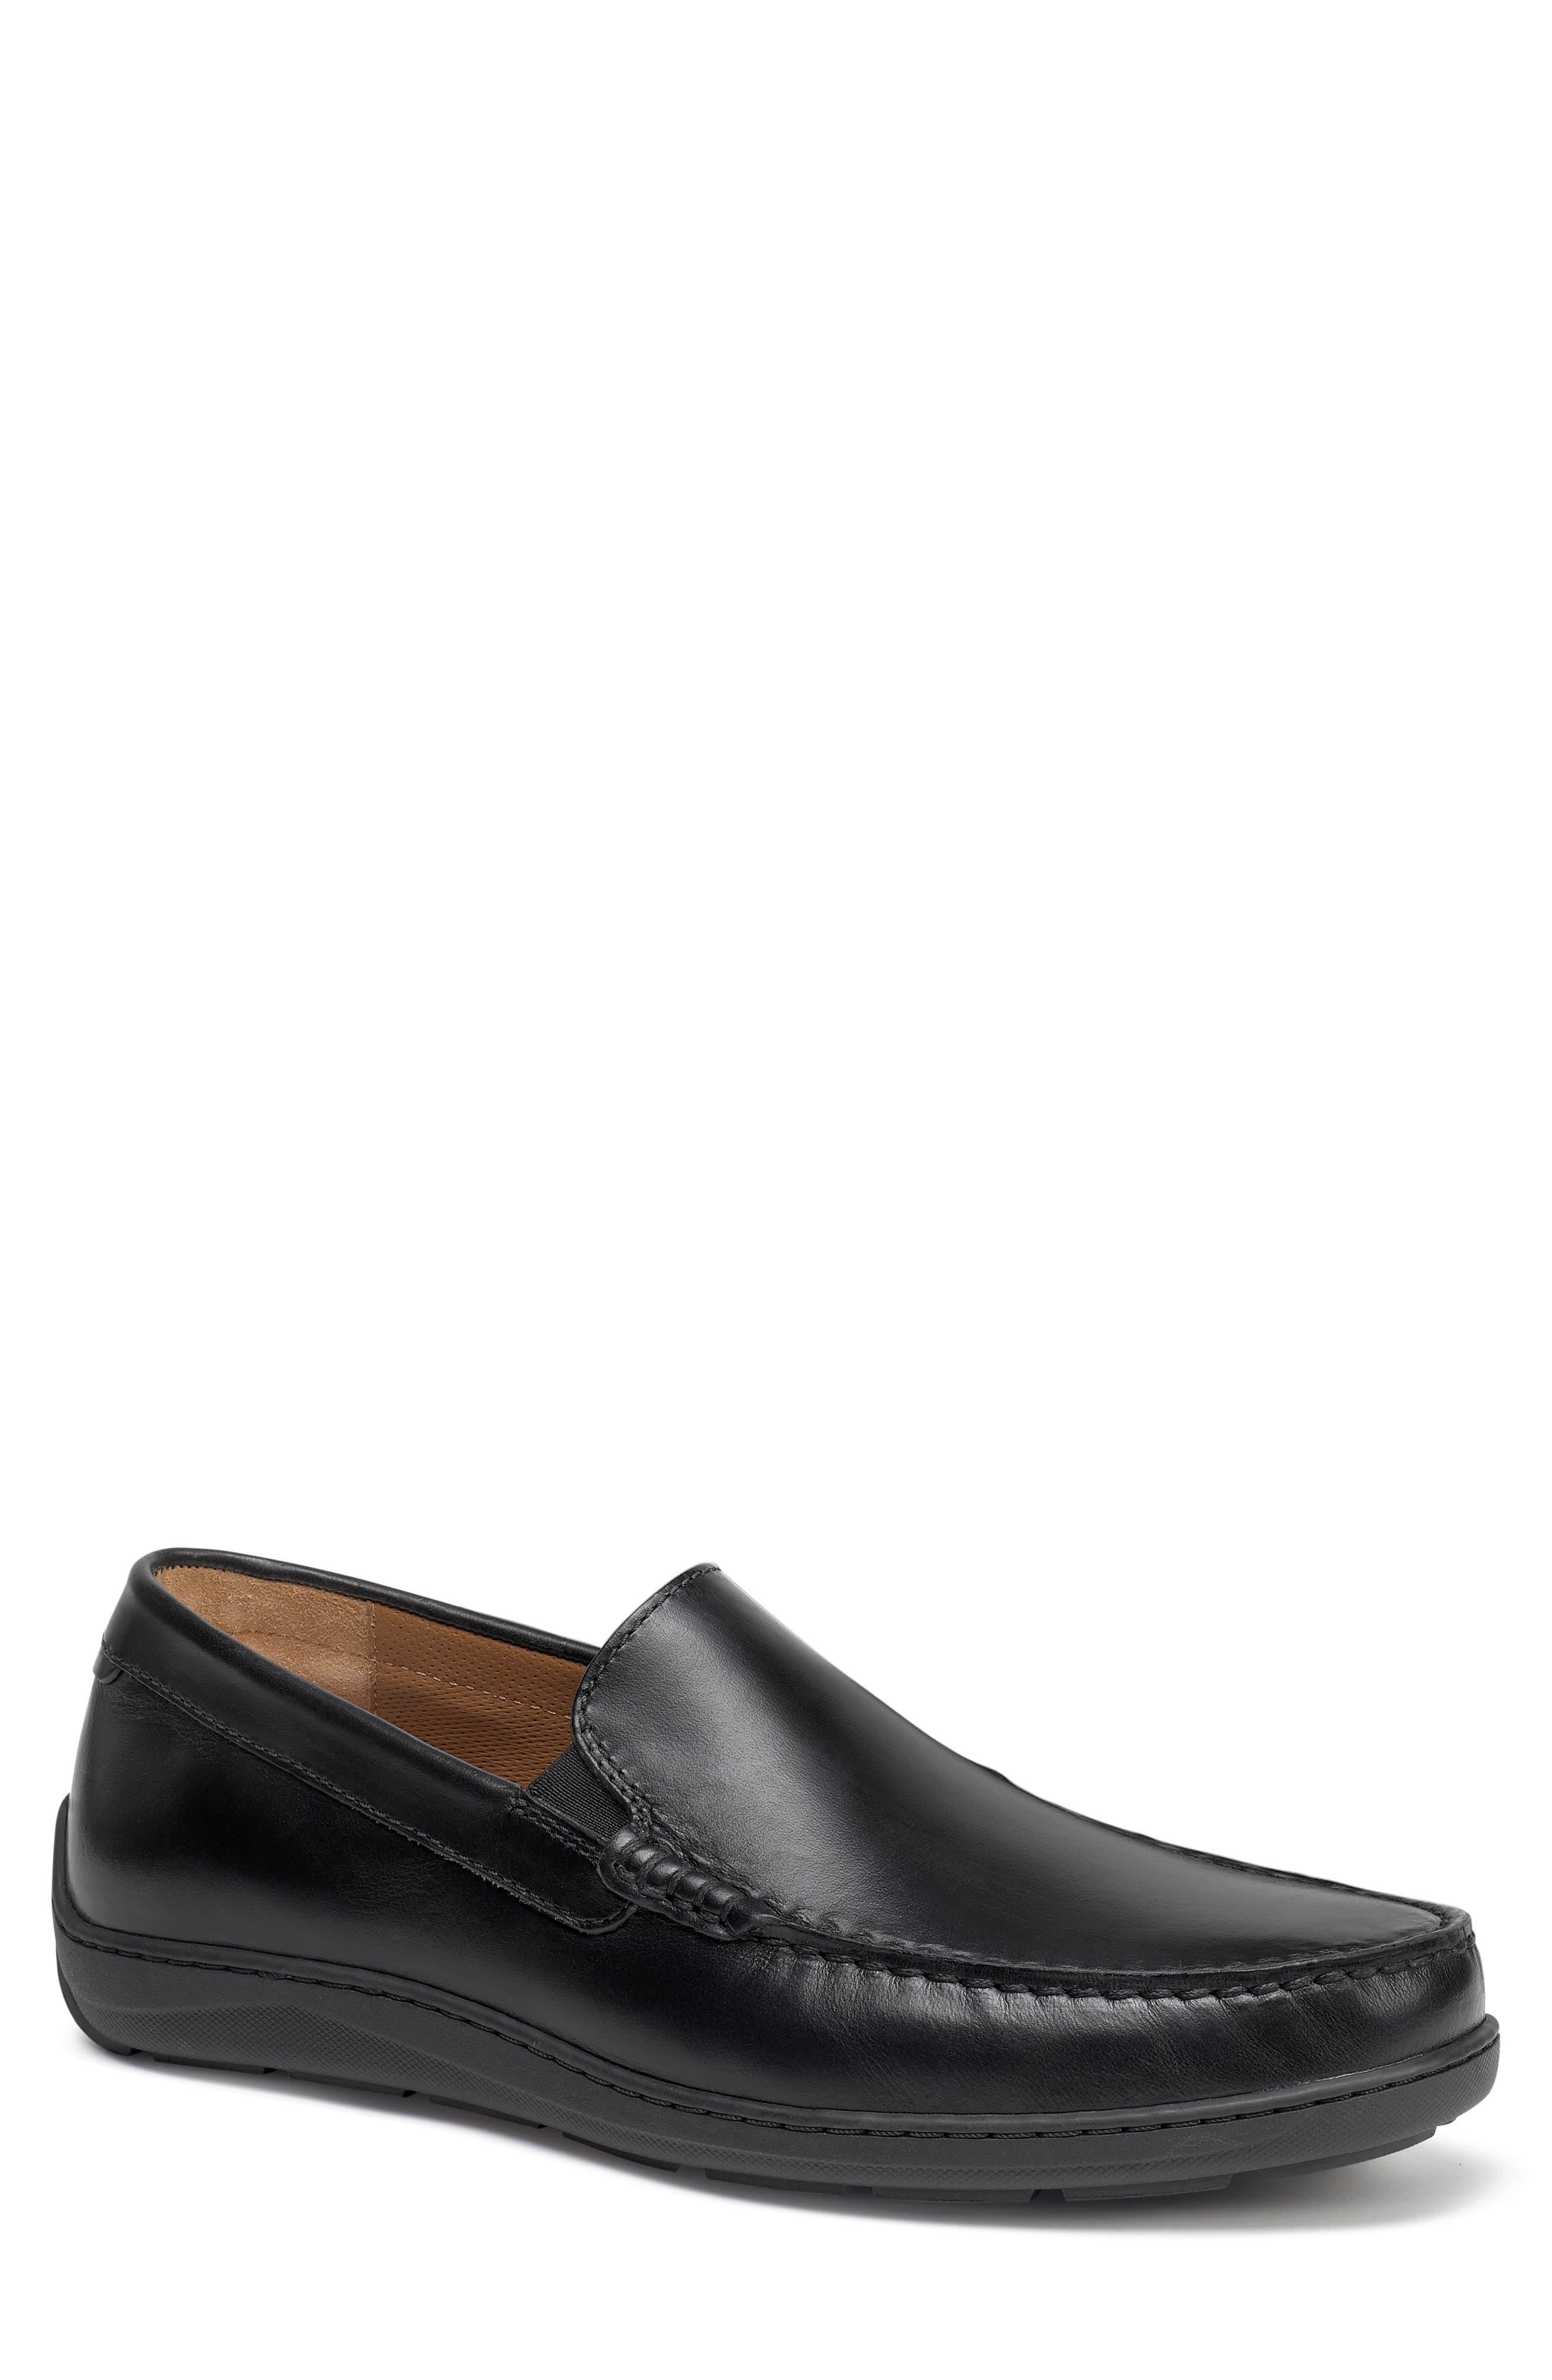 Sherwood Slip-On,                             Main thumbnail 1, color,                             Black Leather